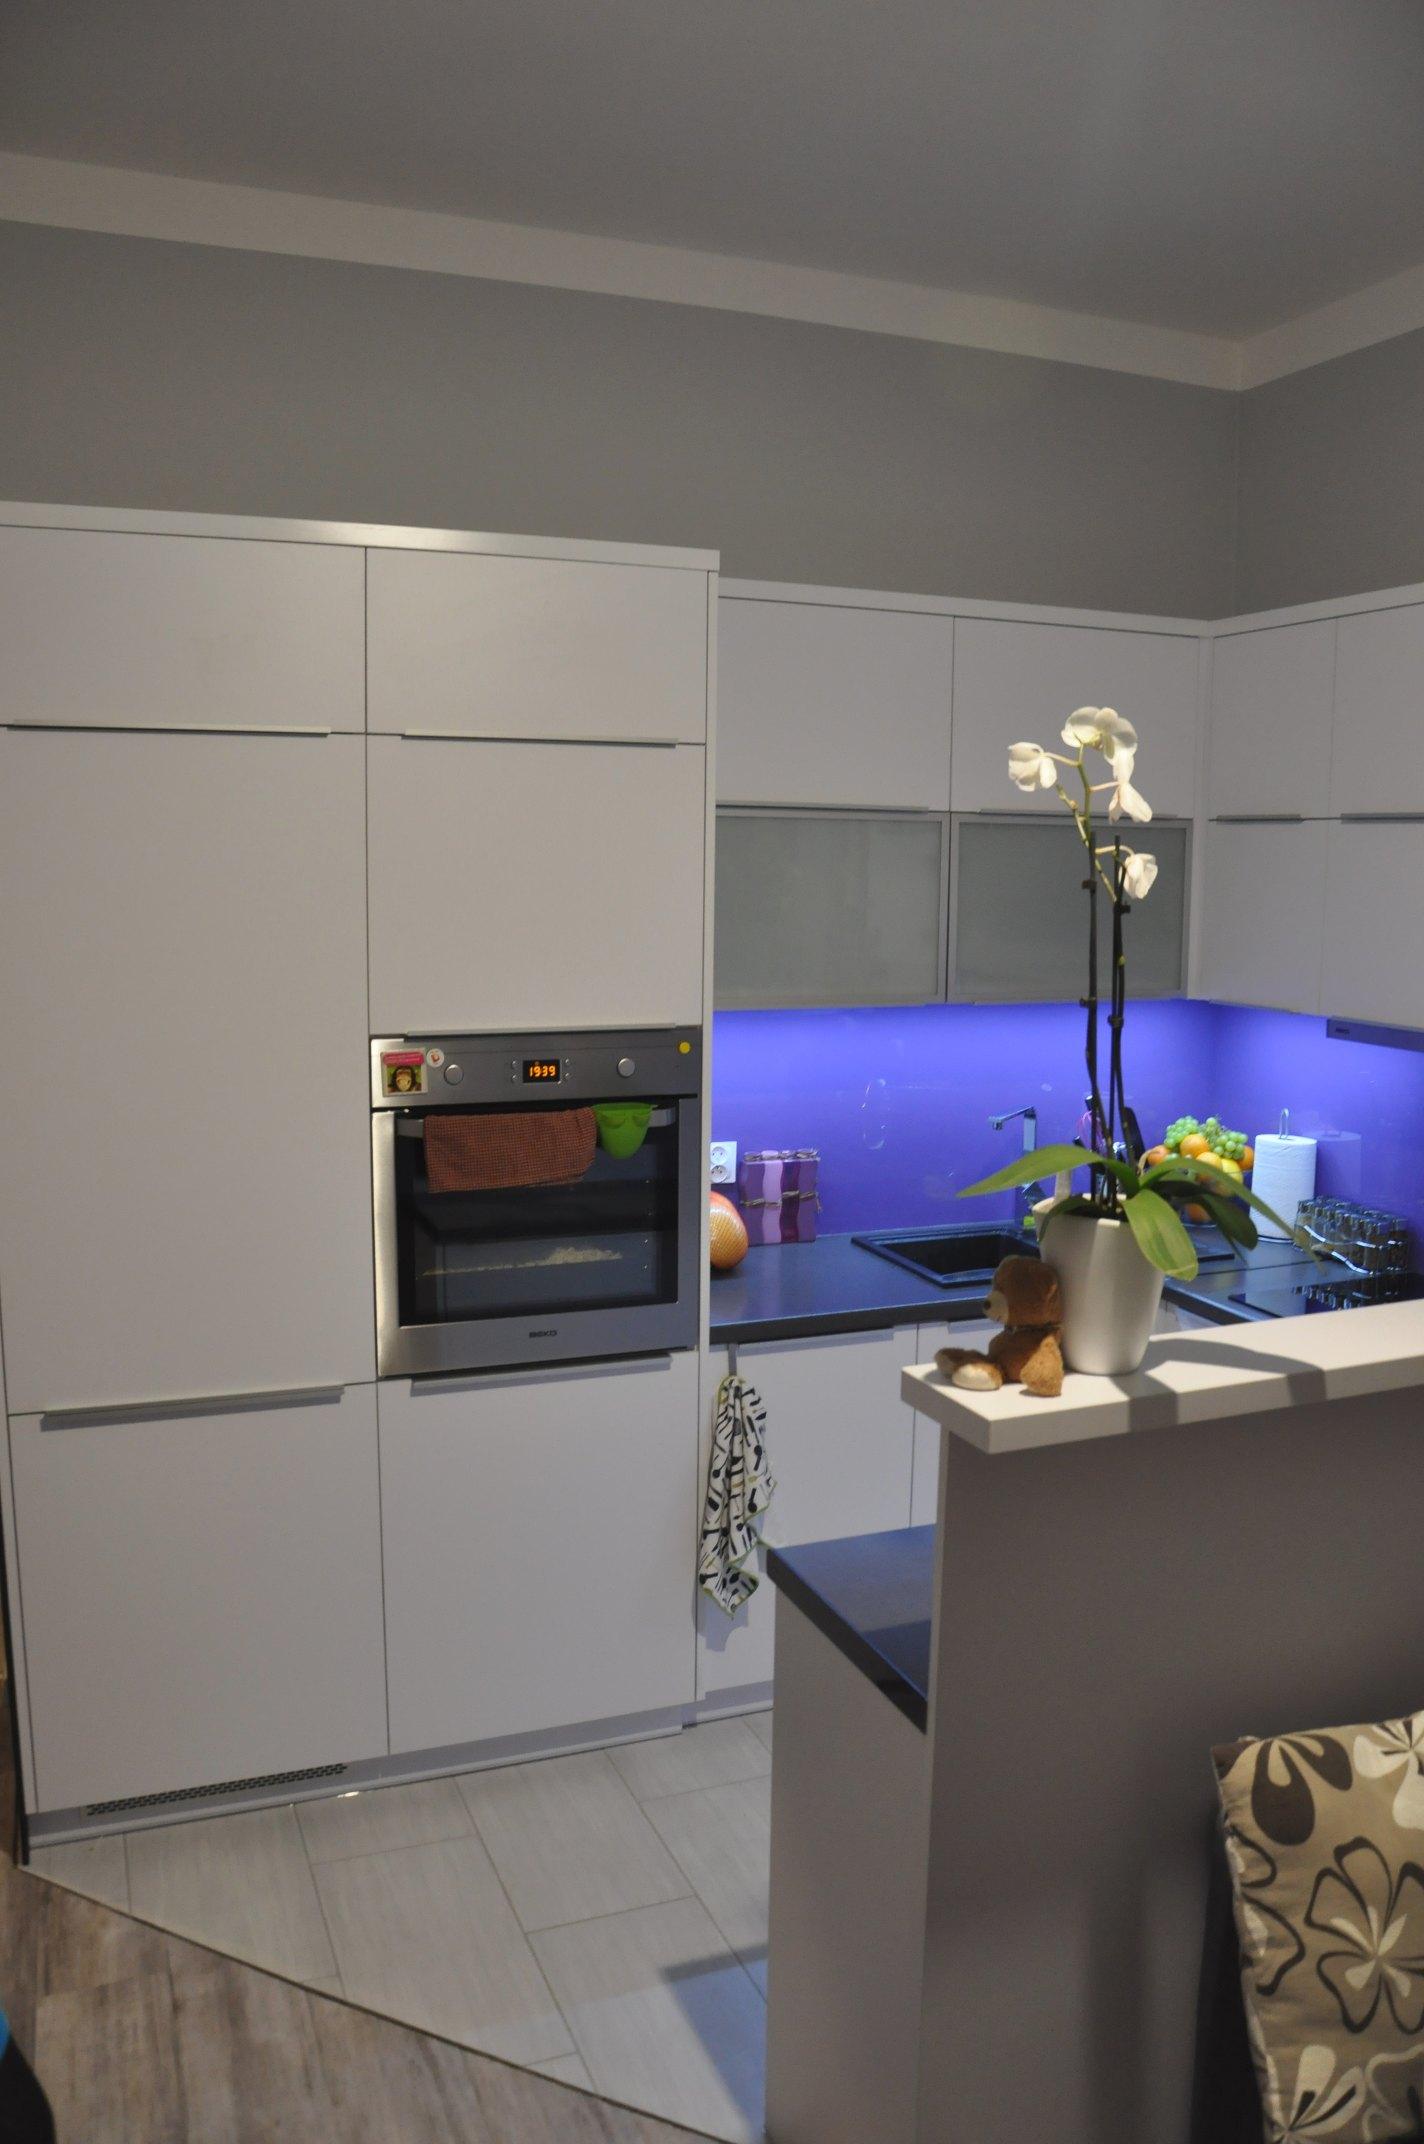 Giorgio&Mariani  meble na wymiar  Biało szara kuchnia -> Kuchnia Czarno Siwa